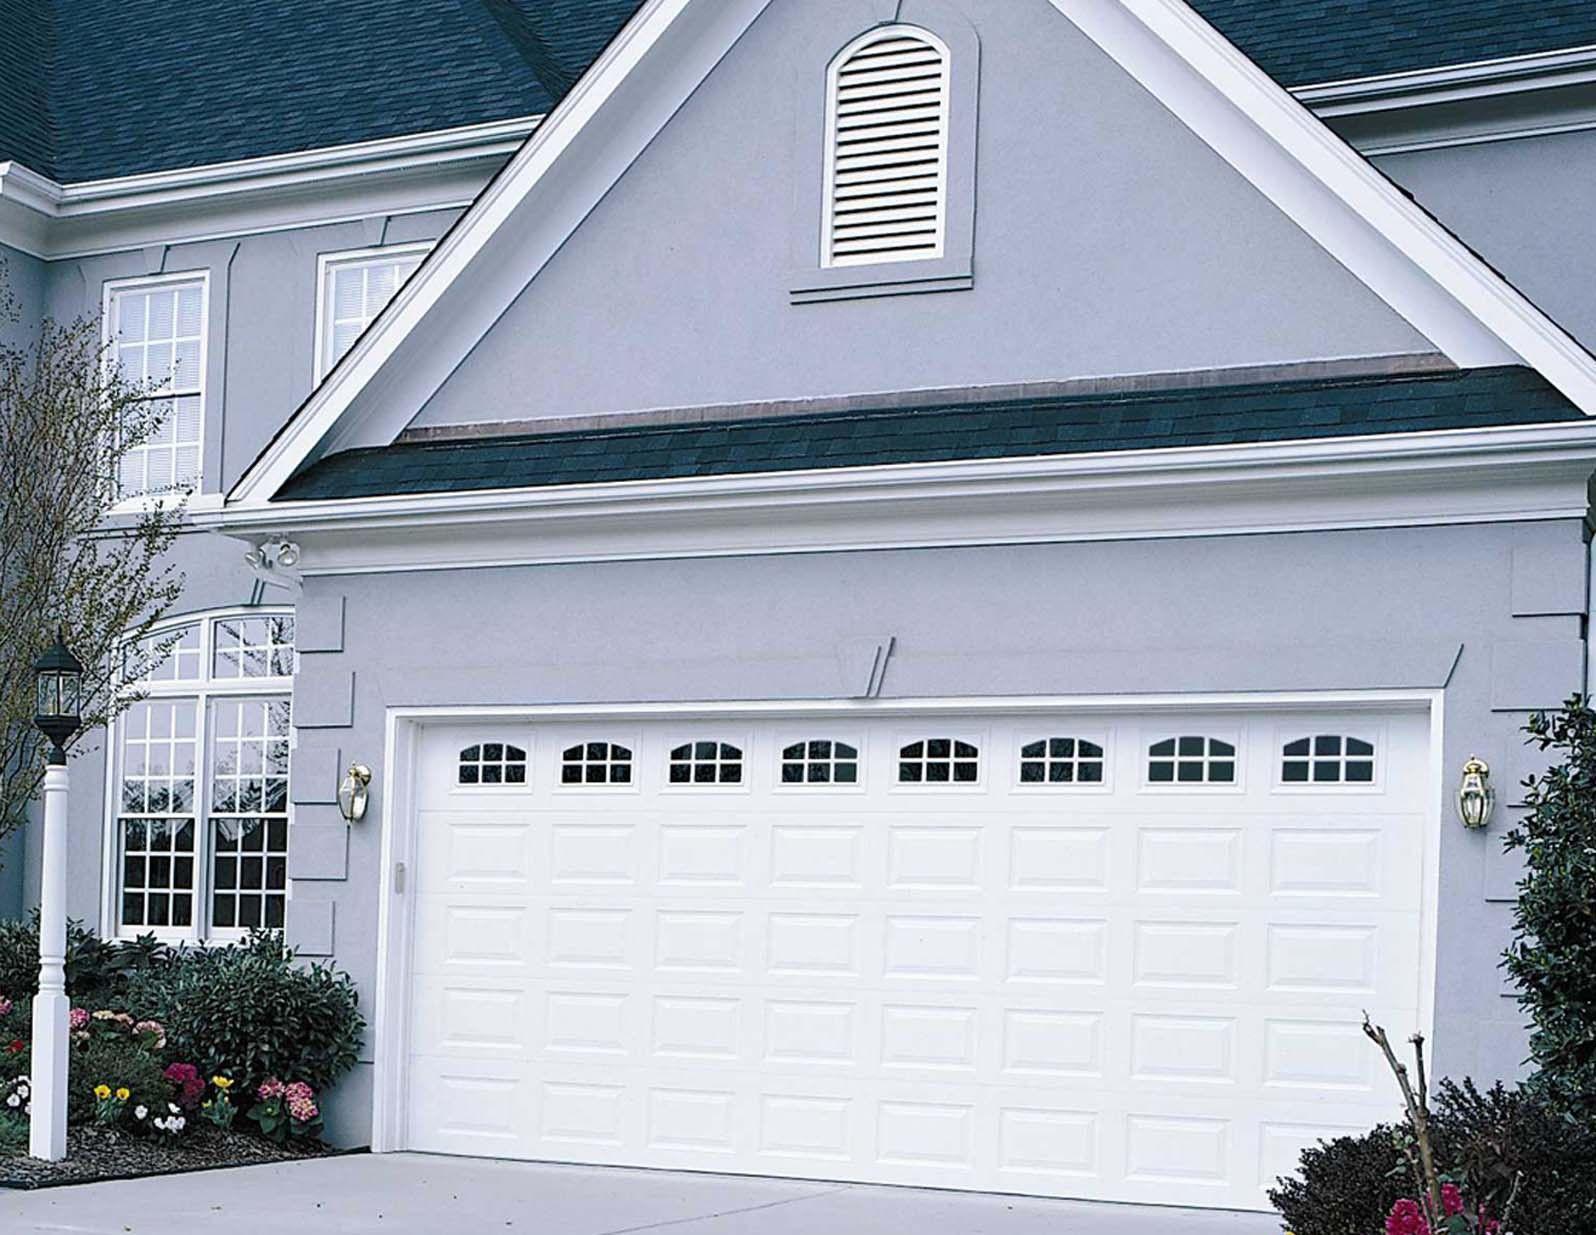 Precision Doors Garage Door Repair San Luis Obispo Garage Doors Overhead Garage Door Garage Door Repair